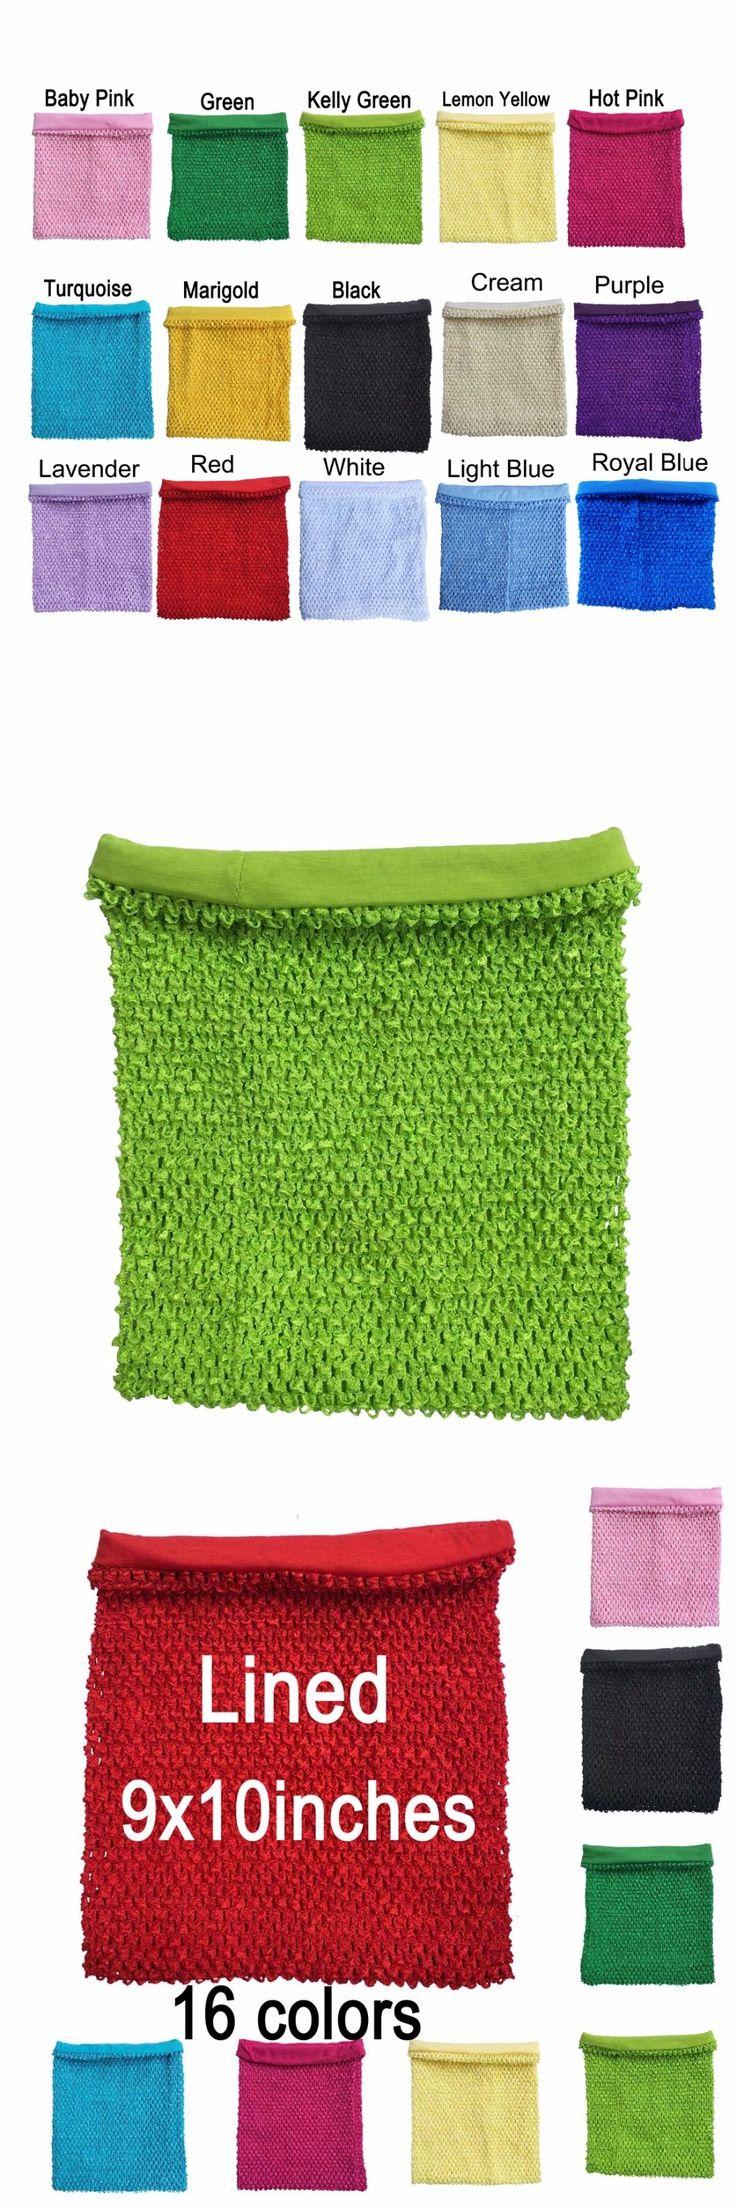 9x10 inches lined crochet tube tutu top for little girls crochet tutu dress tube tops